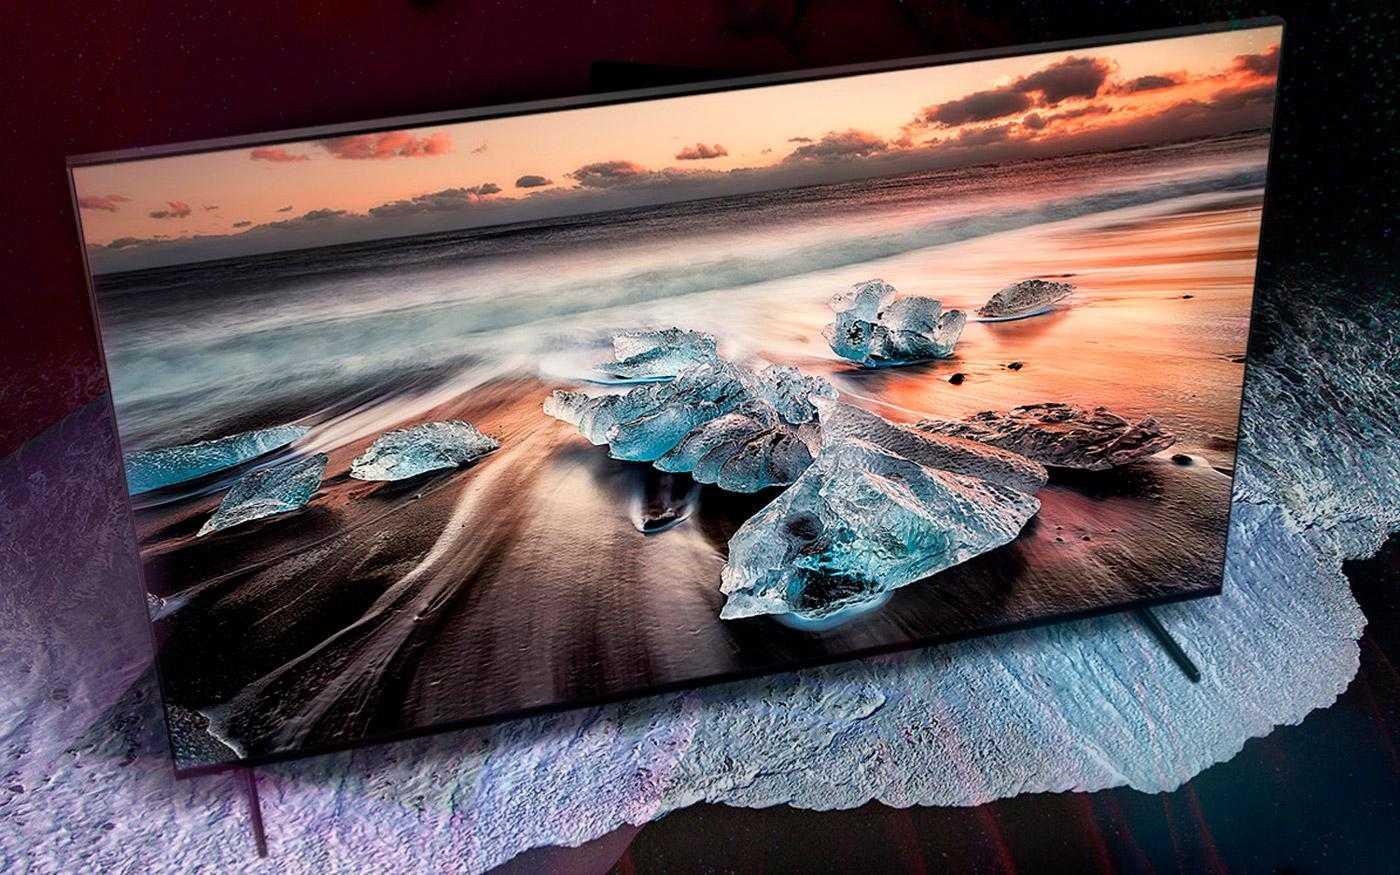 Компания LG анонсировала для нескольких стратегических важных рынков свой новый огромный экран диагональ которого составляет 163 дюймов Его продажи начнутся в Азии в